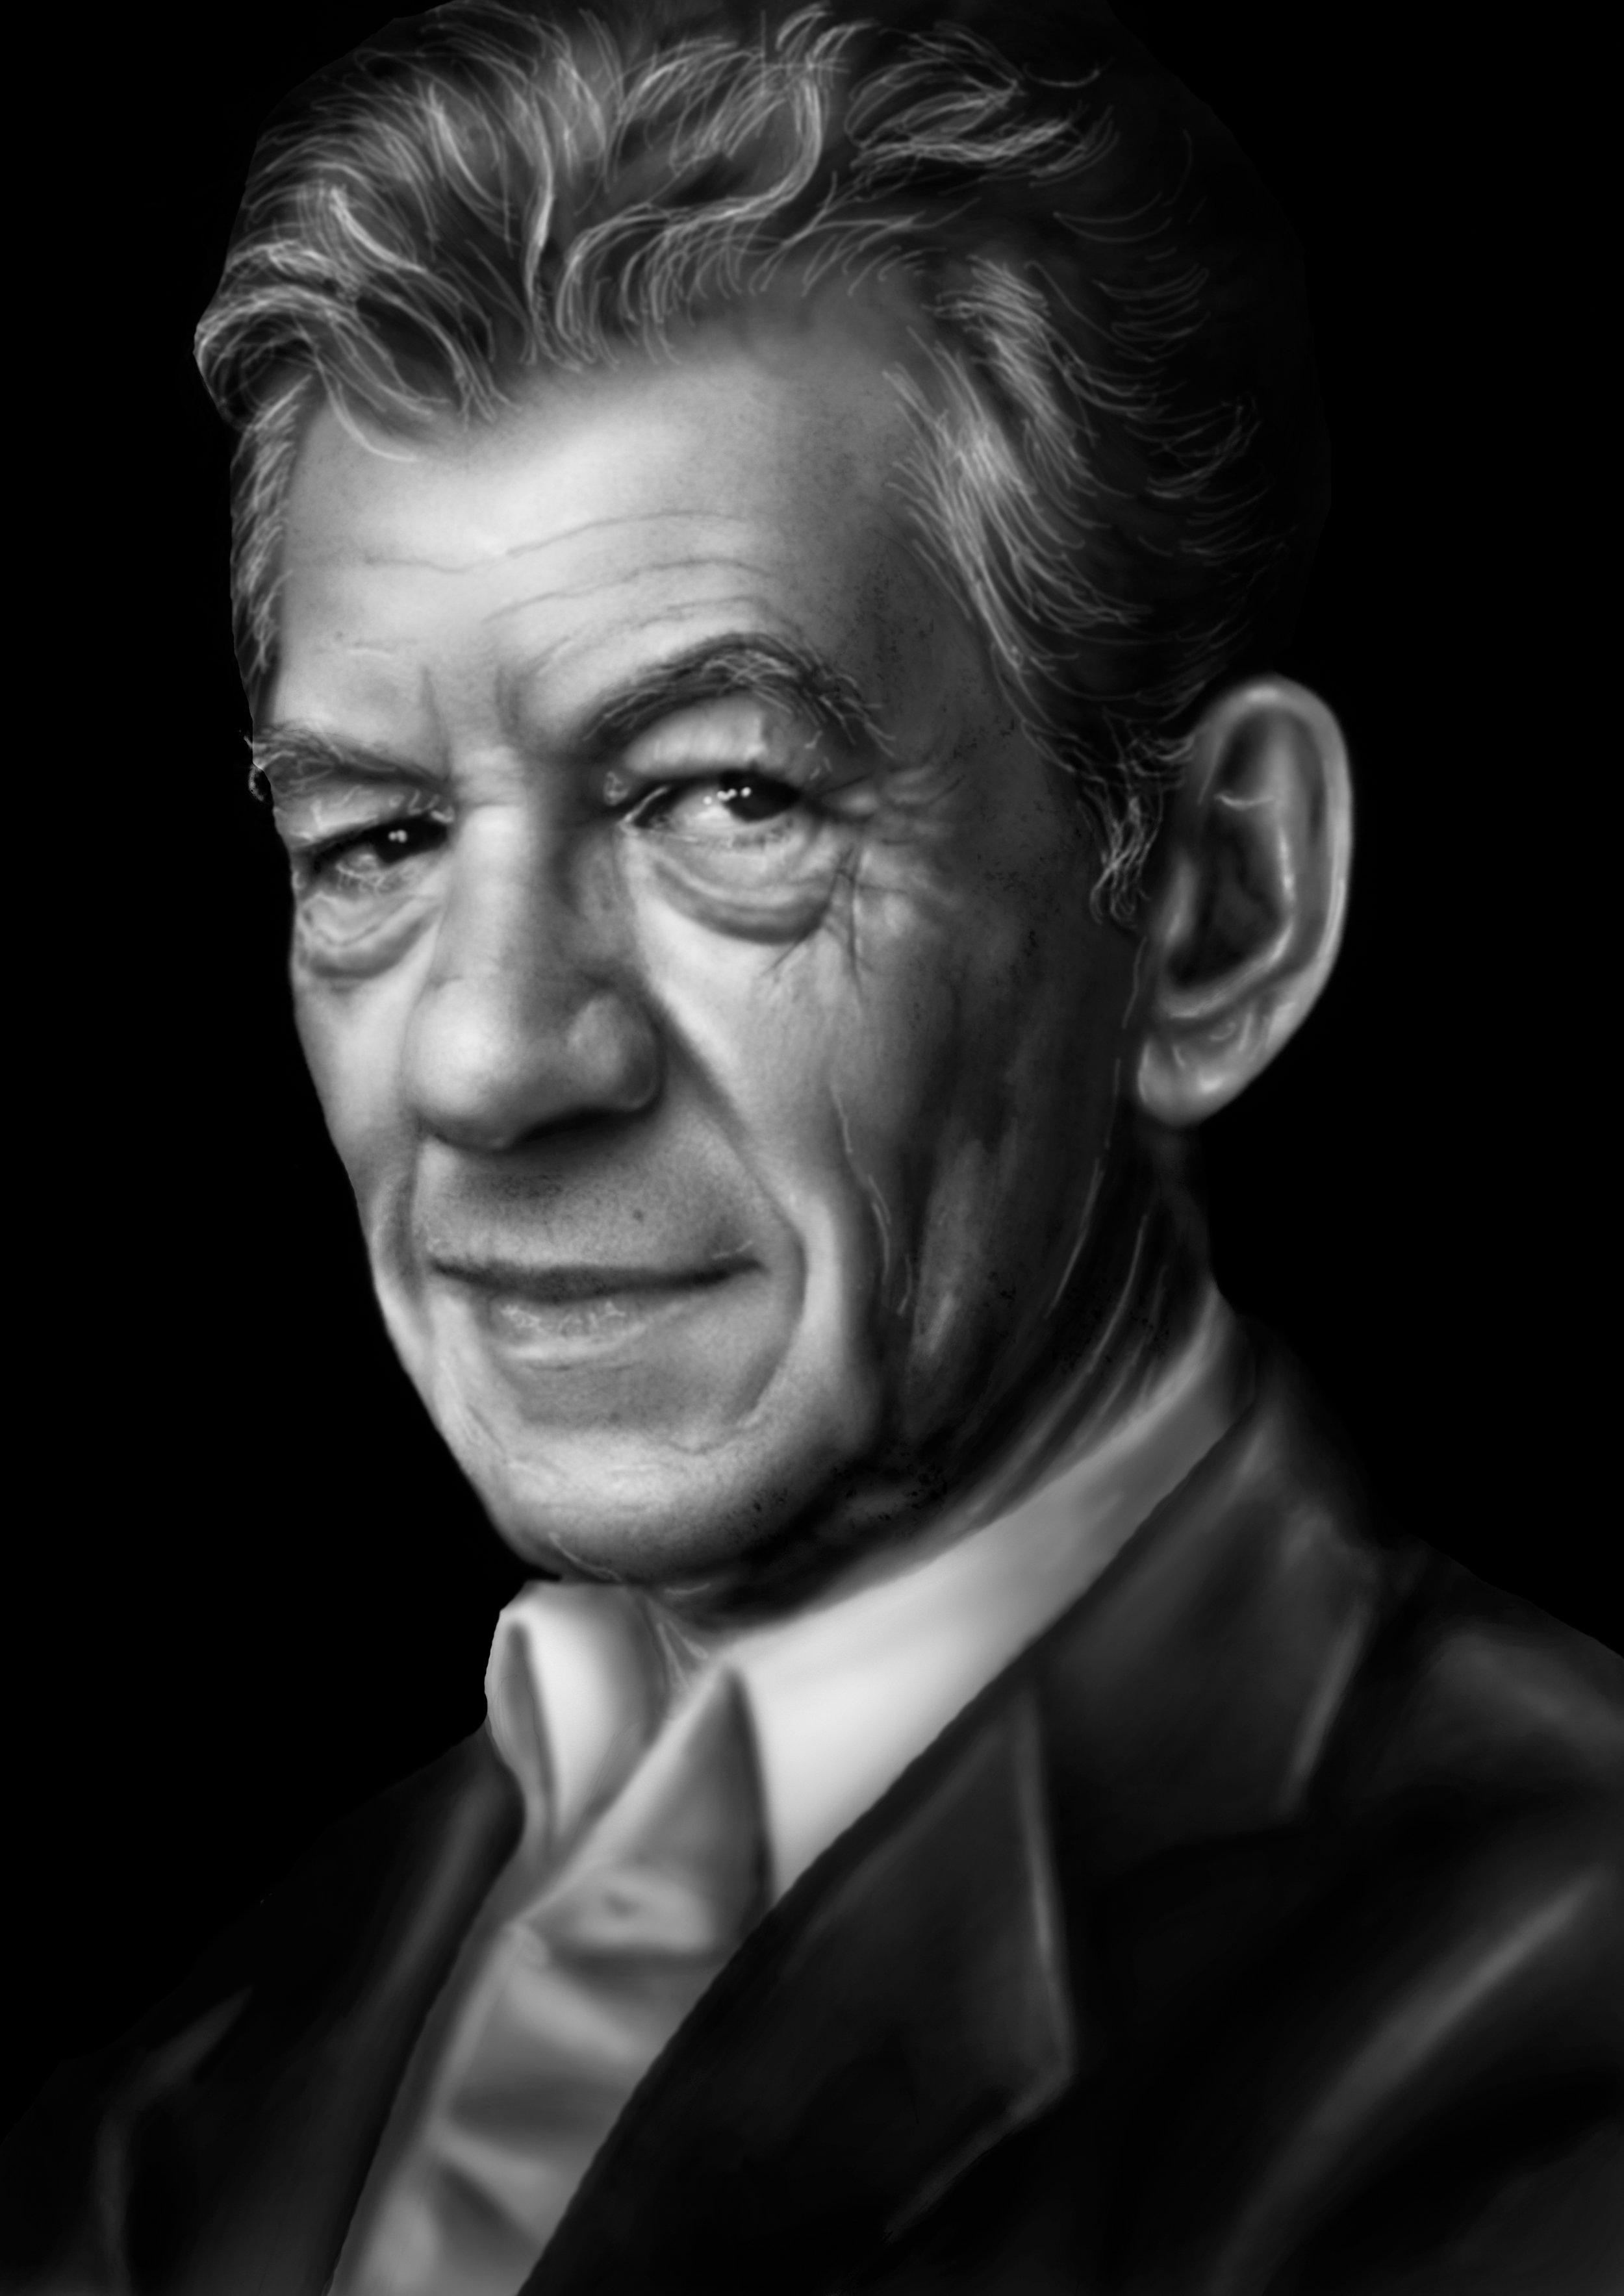 Ian McKellen portrait1 copy.jpg